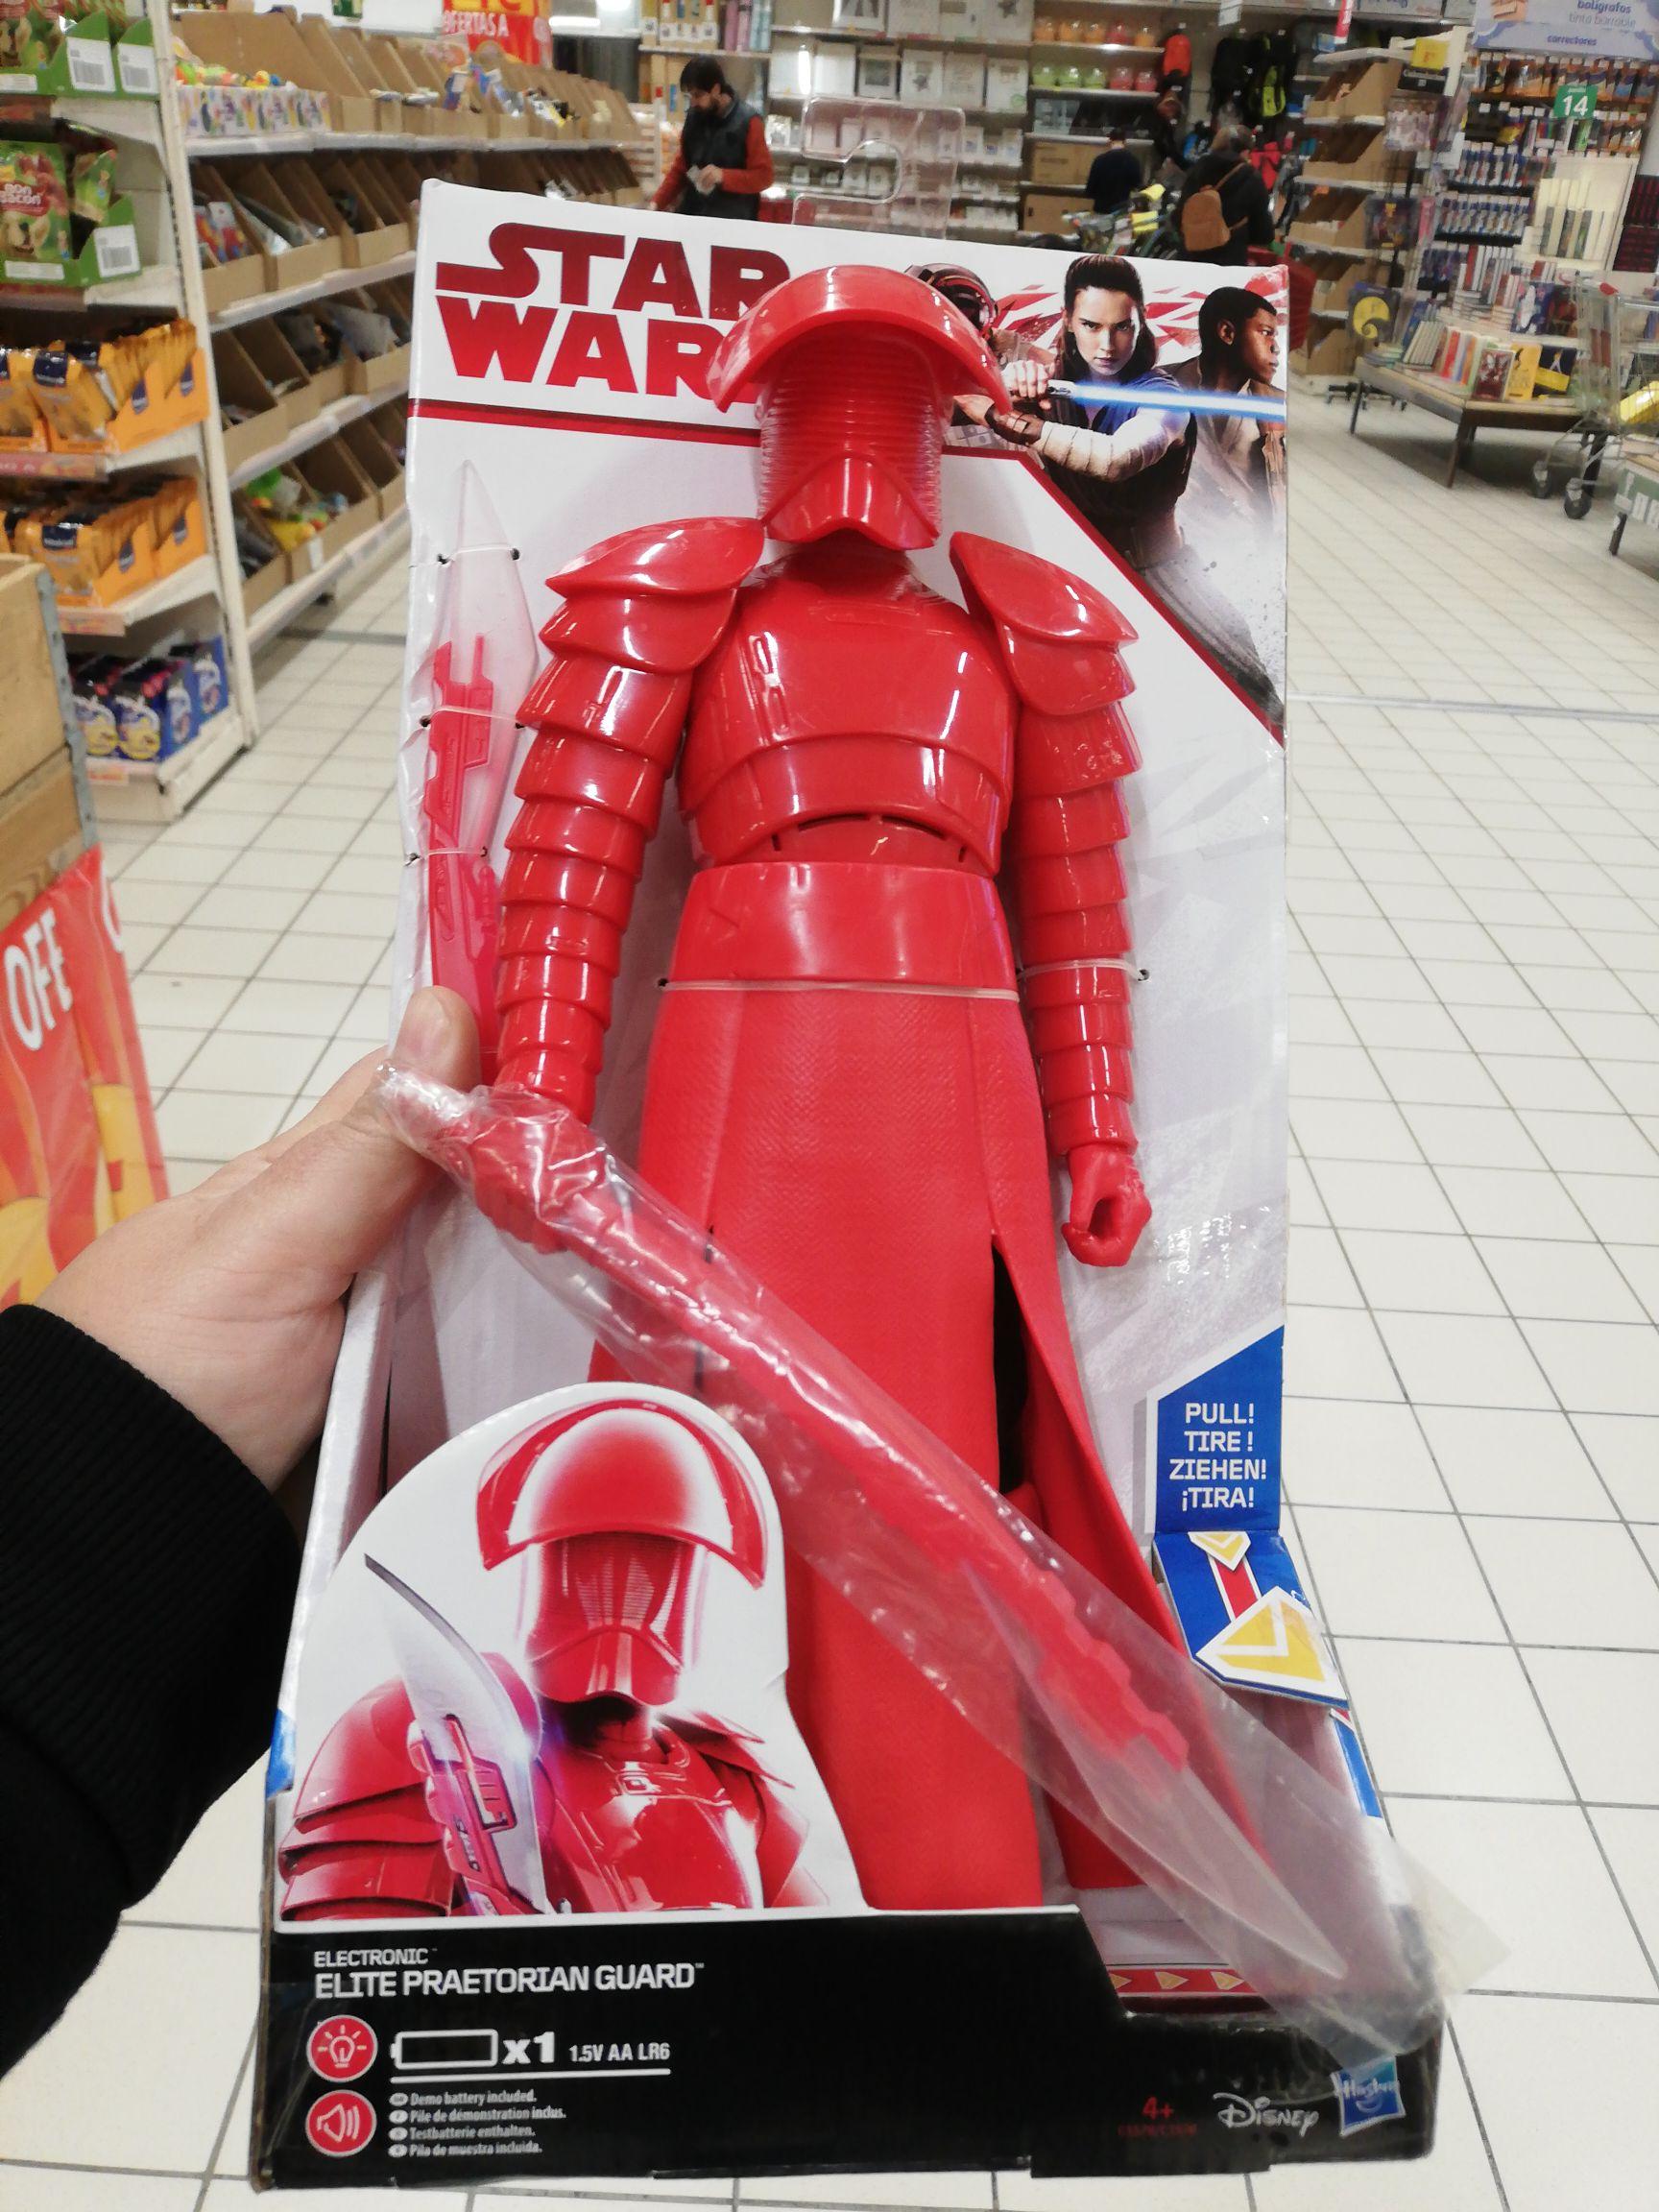 Guarda Pretoriano Star Wars